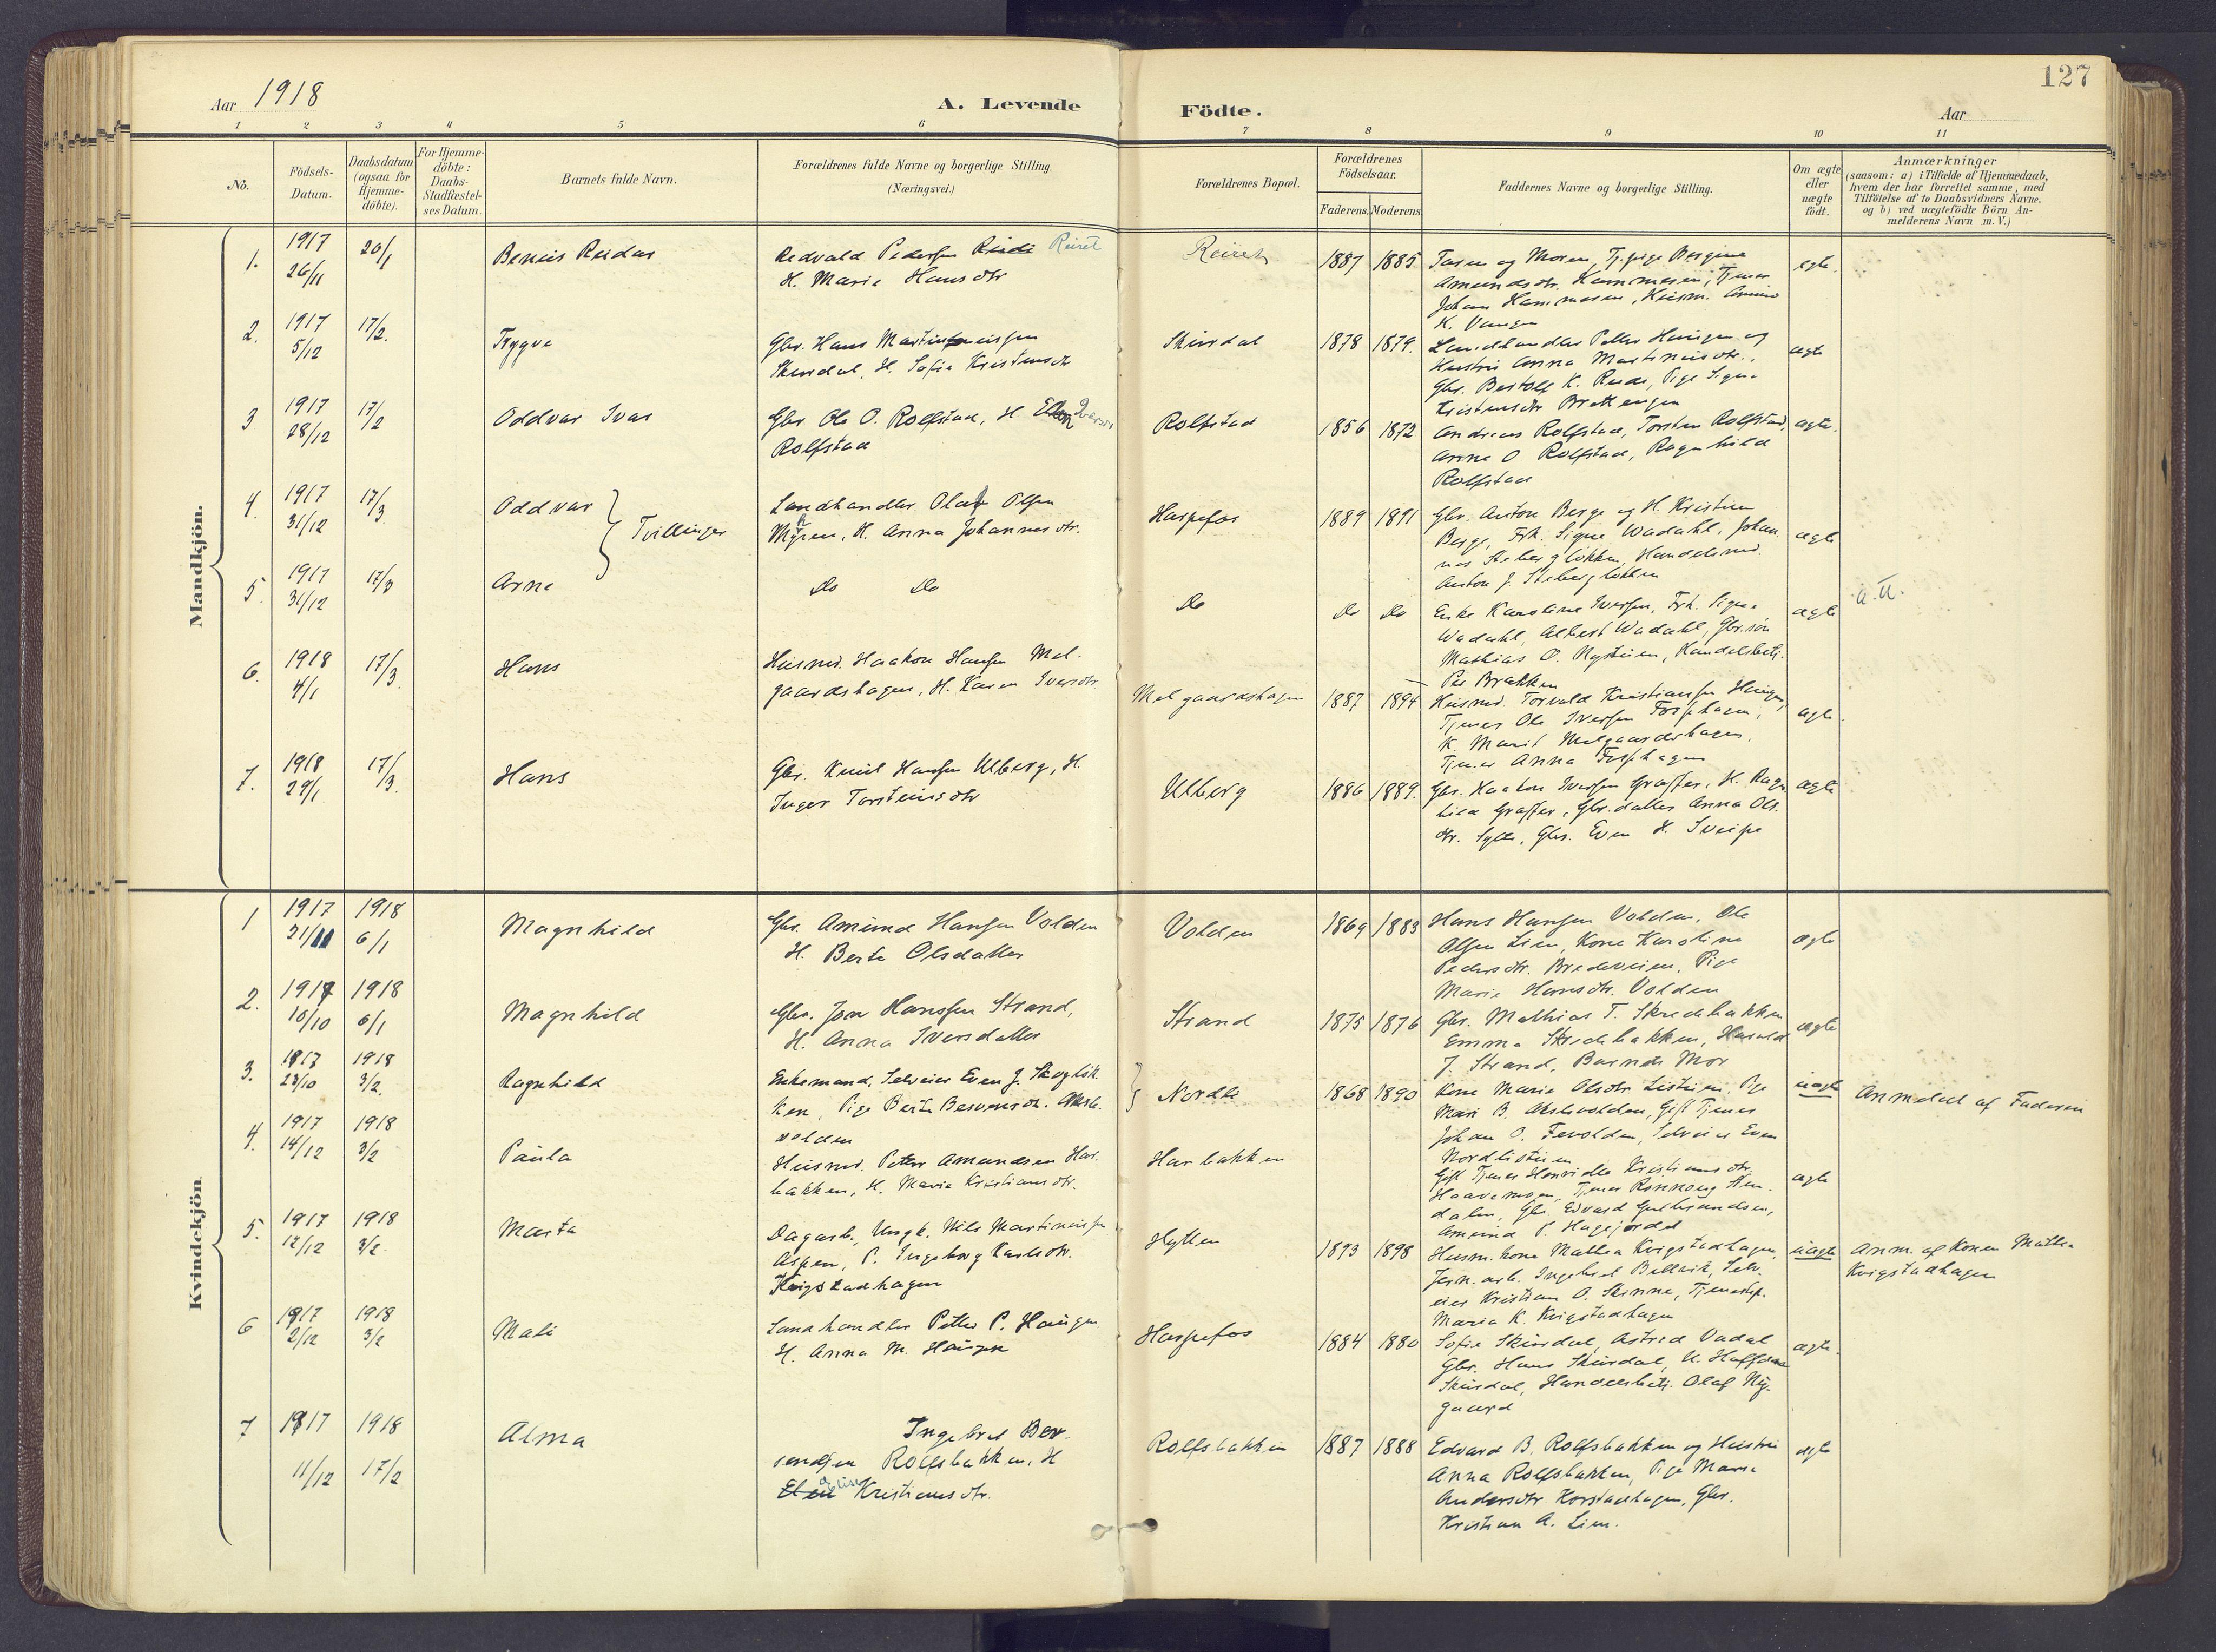 SAH, Sør-Fron prestekontor, H/Ha/Haa/L0004: Ministerialbok nr. 4, 1898-1919, s. 127